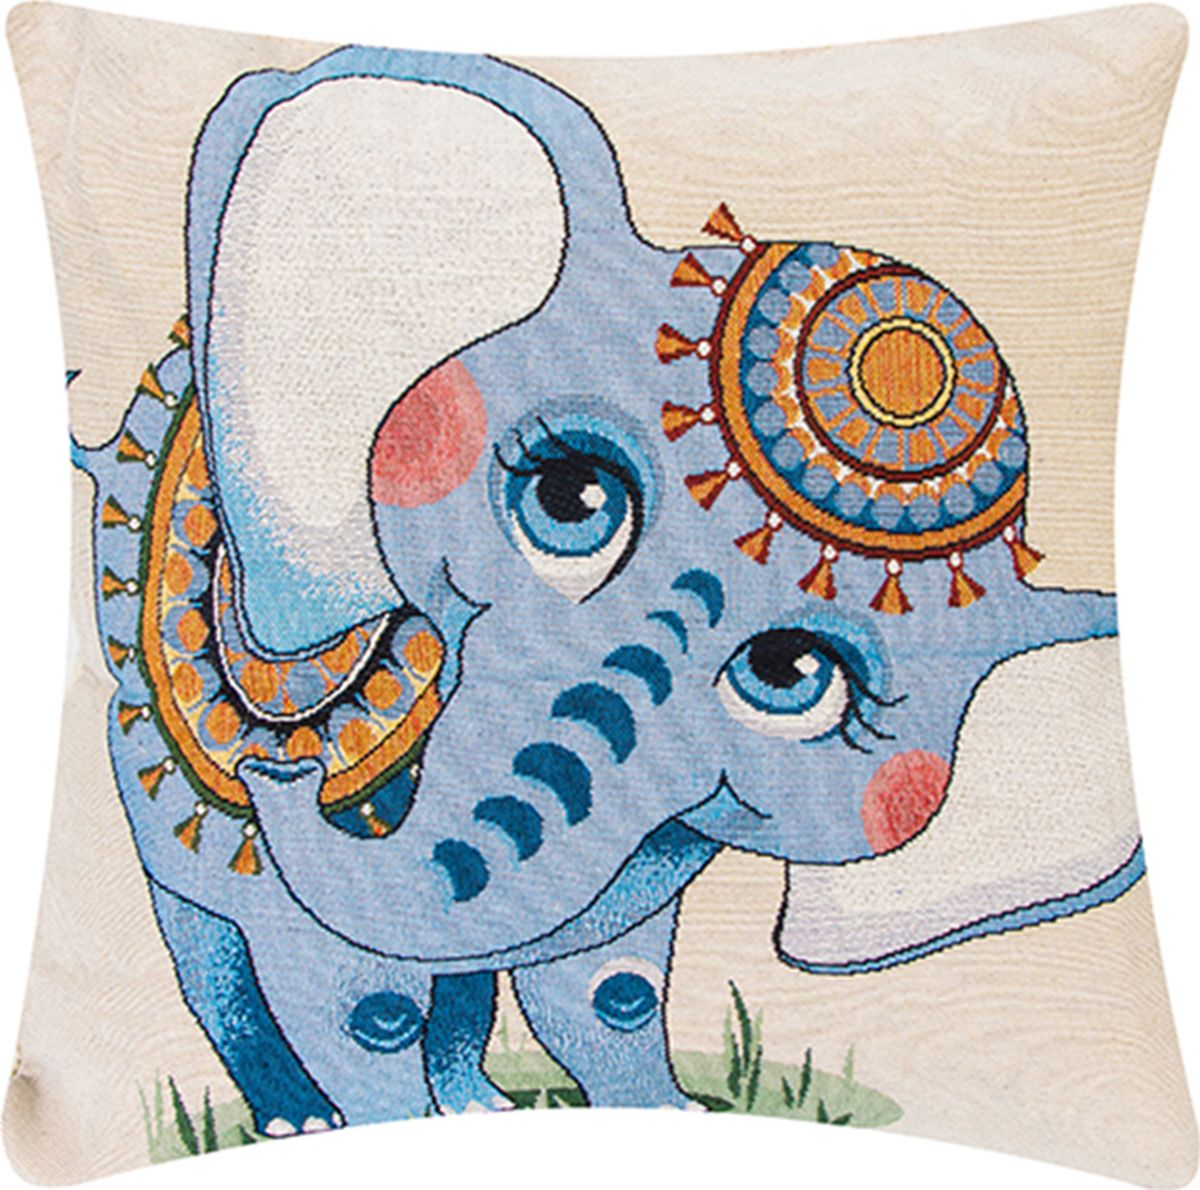 Подушка декоративная EL Casa Индийский слоненок, 43 x 43 см171710Декоративная подушка прекрасно дополнит интерьер спальни или гостиной. Состав наволочки: лен -50%, полиэстер-50%. Она легко снимается, благодаря молнии. Внутри подушки находится мягкий наполнитель.